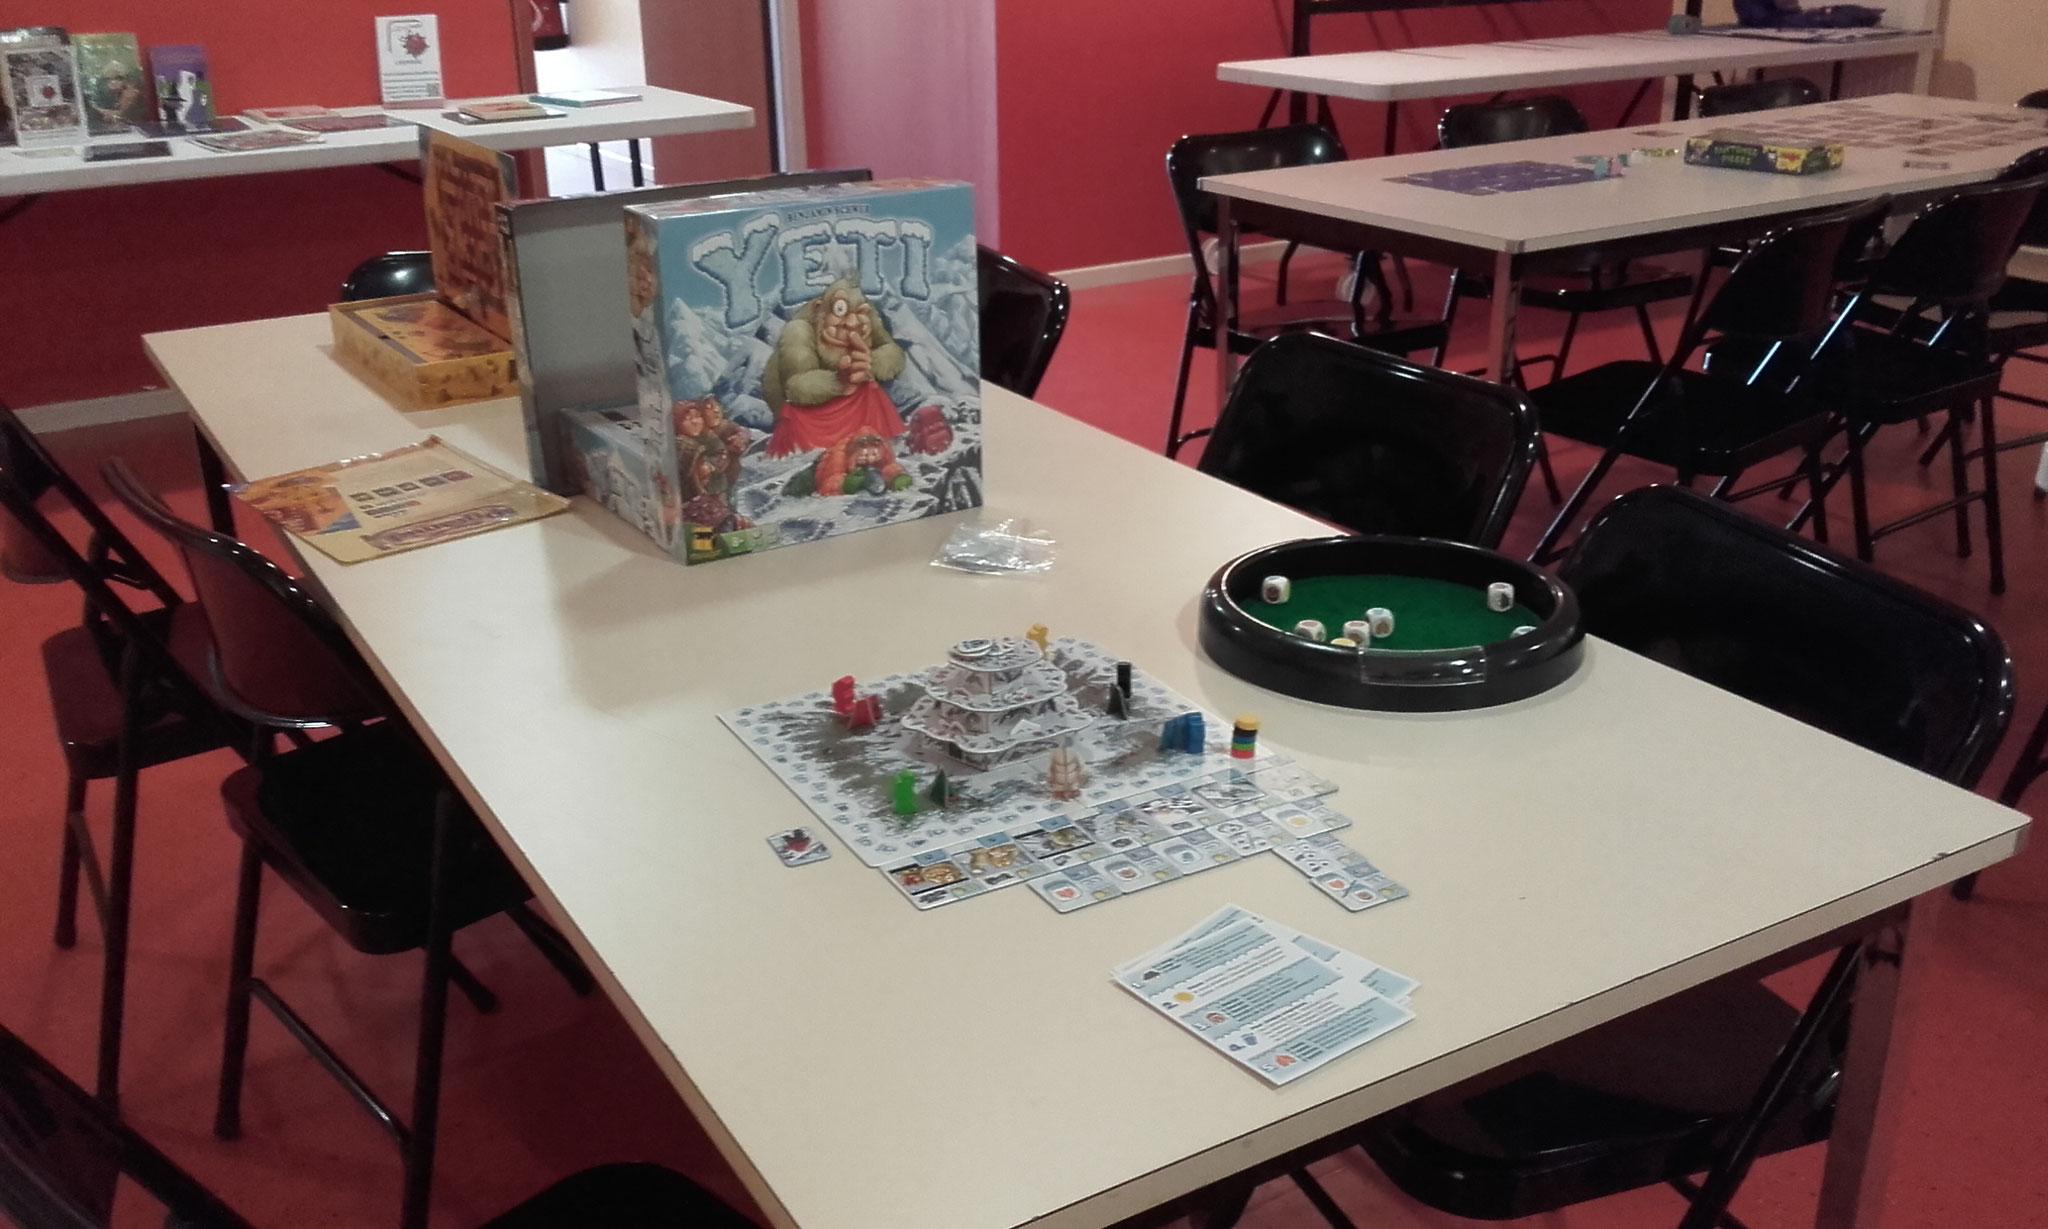 des jeux : Yéti et Pyramid